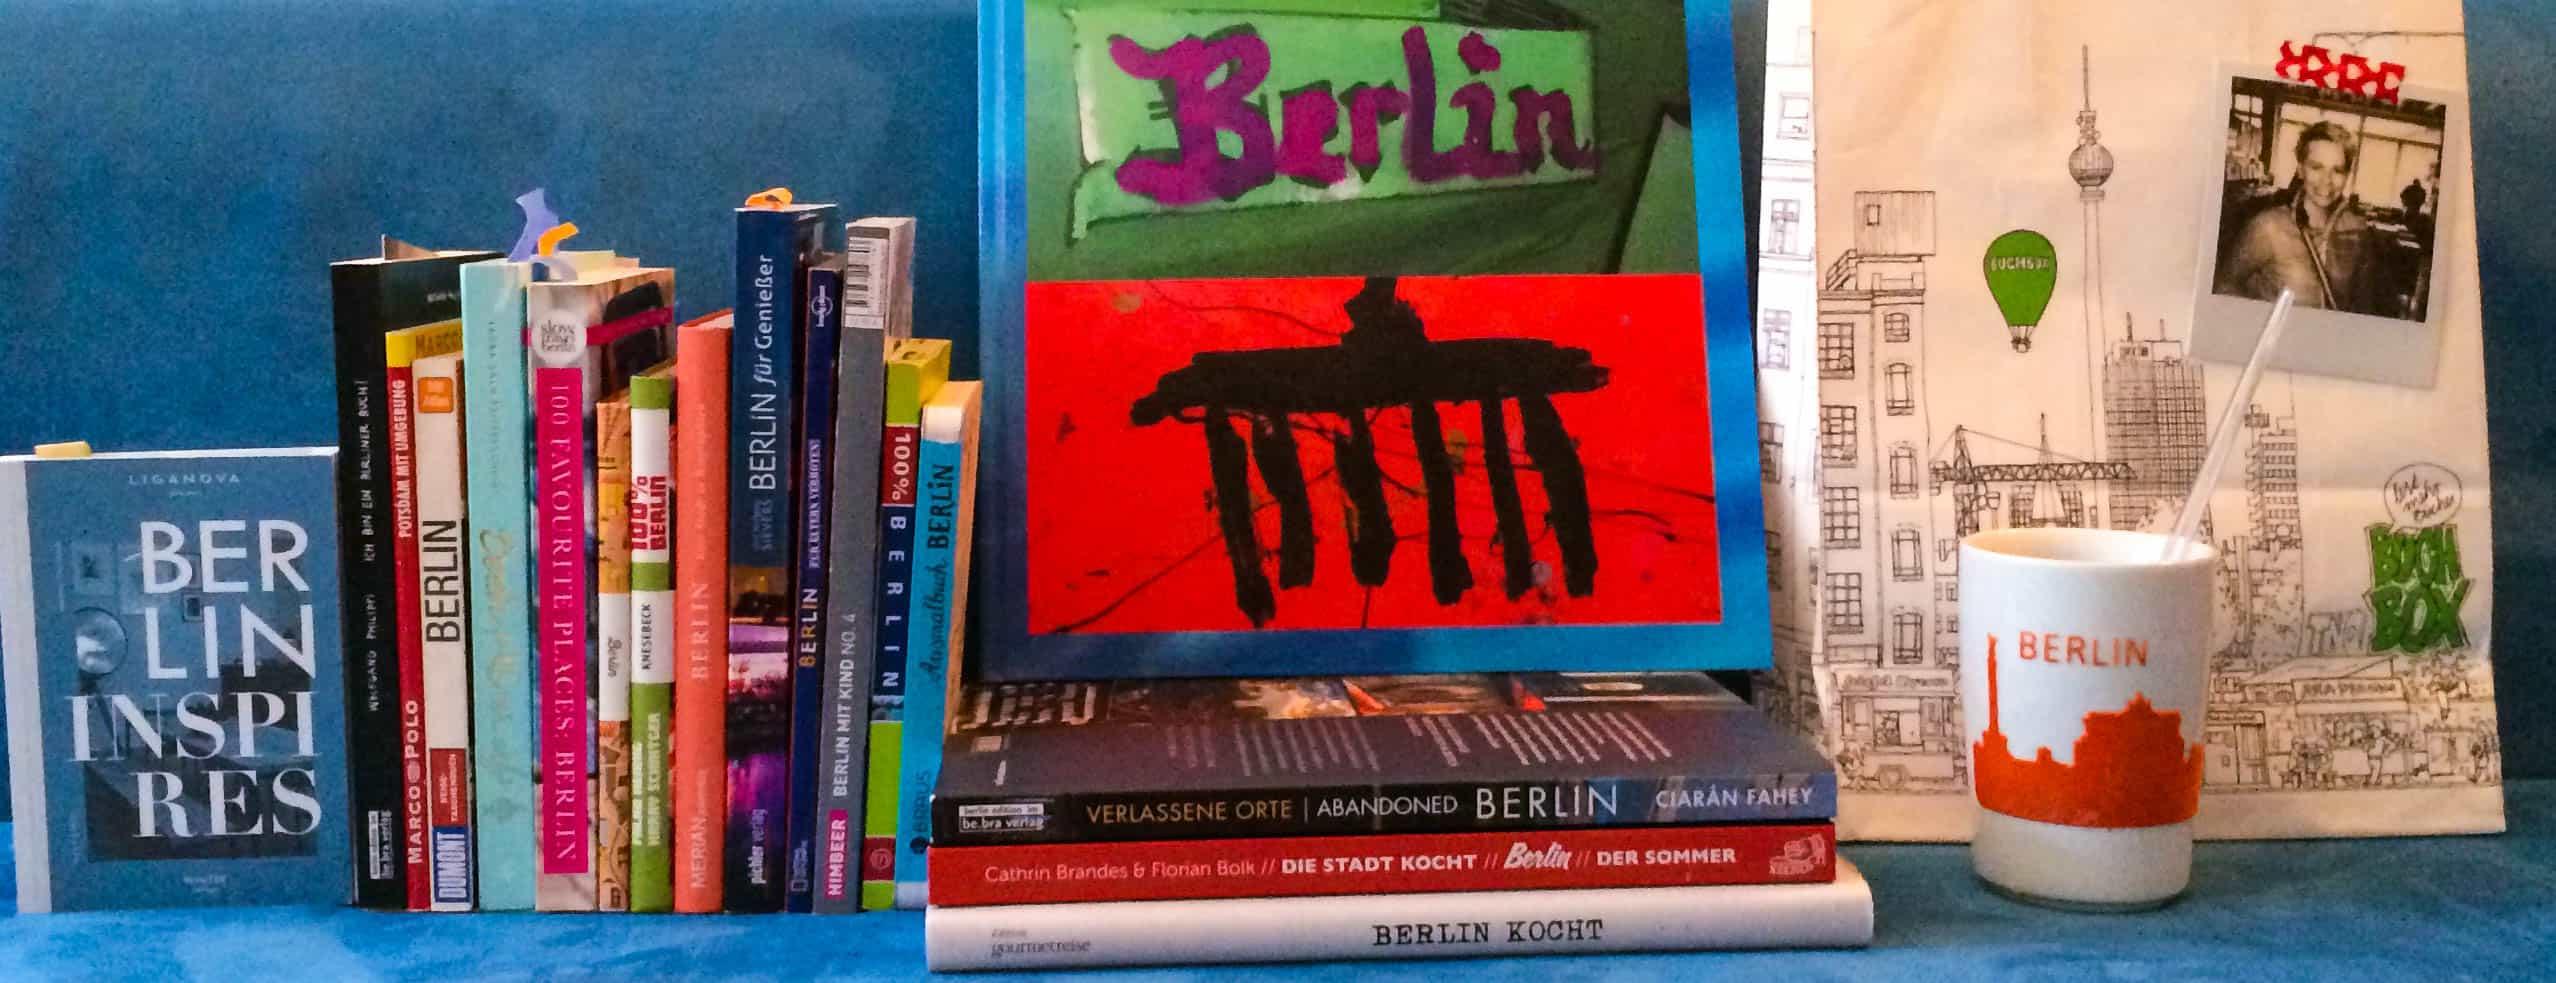 5 Tipps für Buchhandlungen mit Sahnehäubchen in Berlin